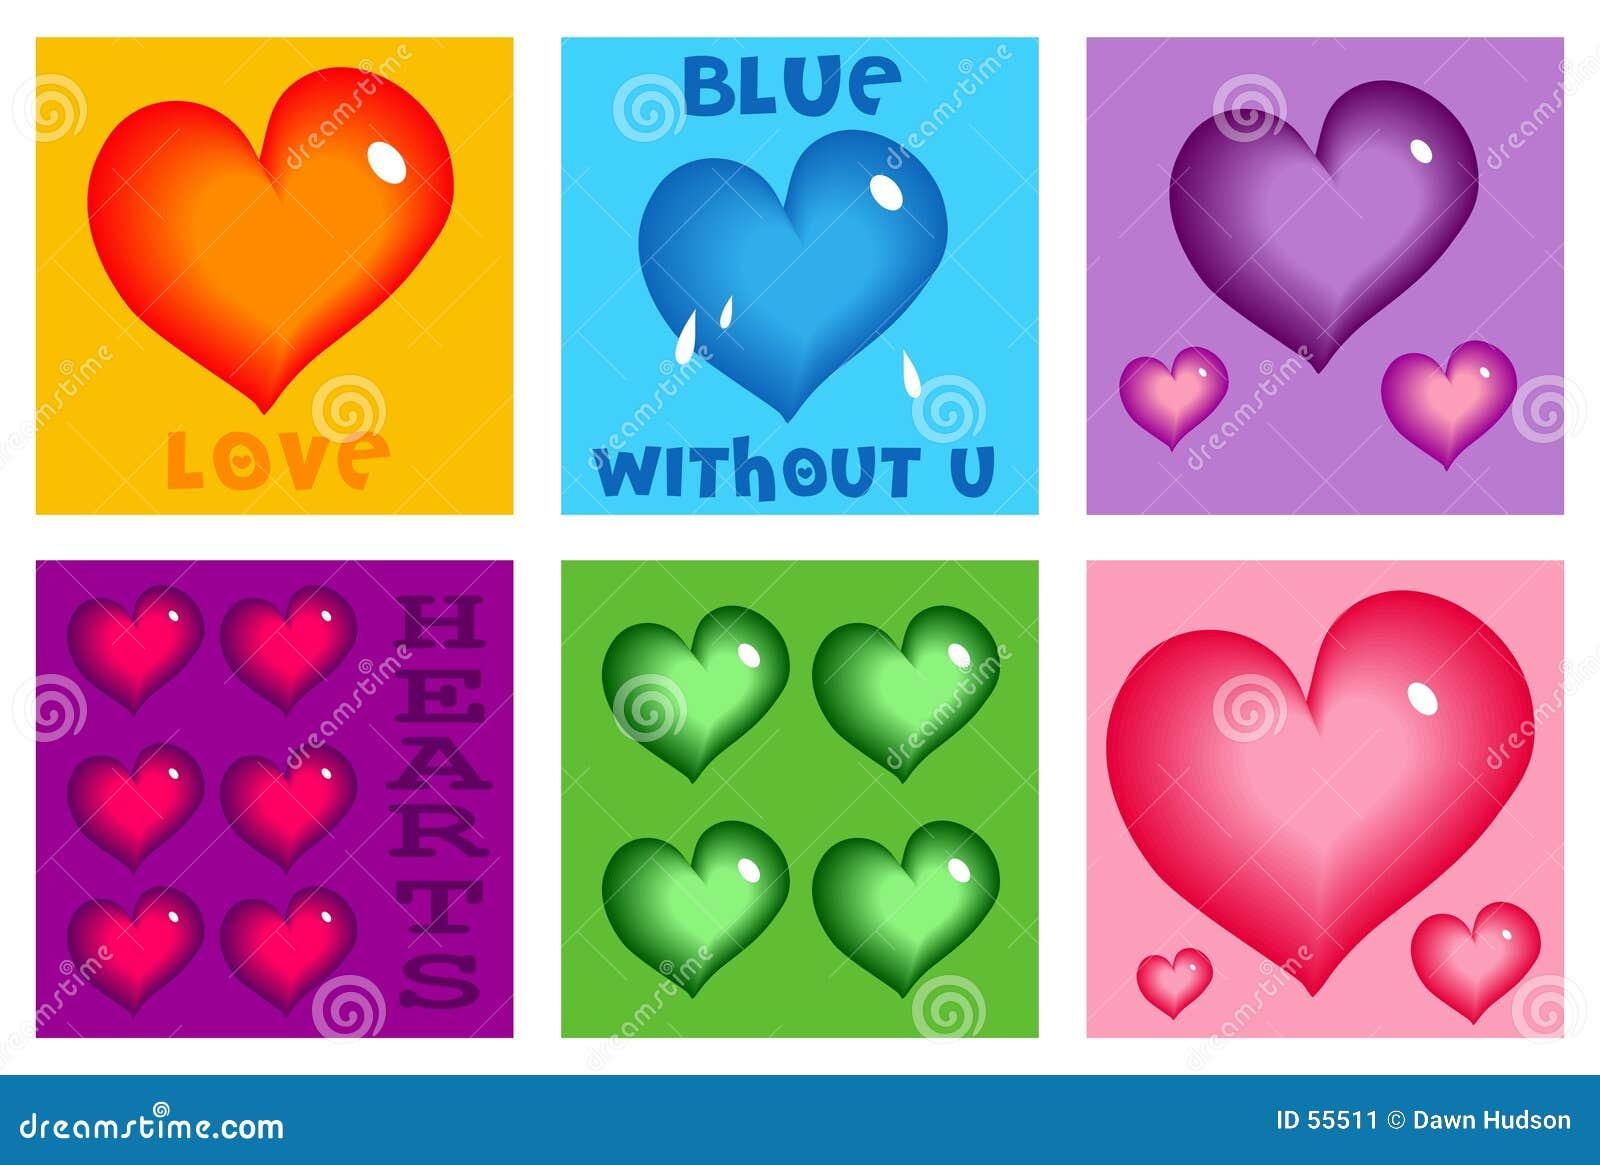 Ame corações